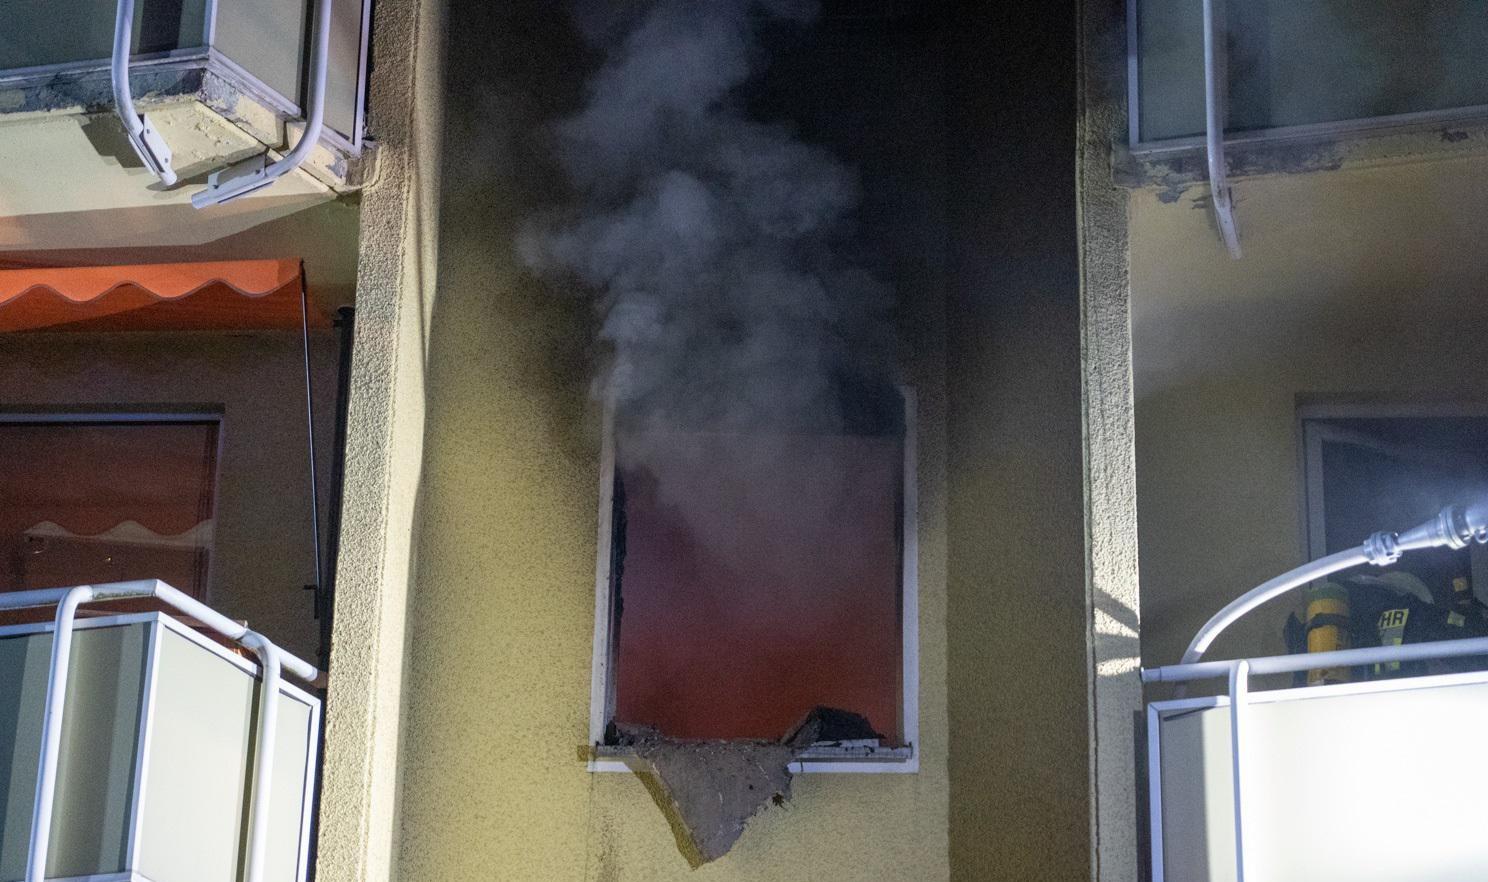 Zur Aufnahme dieses Fotos befand sich der Gutendorfer Atemschutztrupp in der Brandwohnung und suchte nach der zu derzeit vermissten Person. Diese befand sich glücklicherweise nicht in der Wohnung. Der Trupp setzte die Löscharbeiten fort.